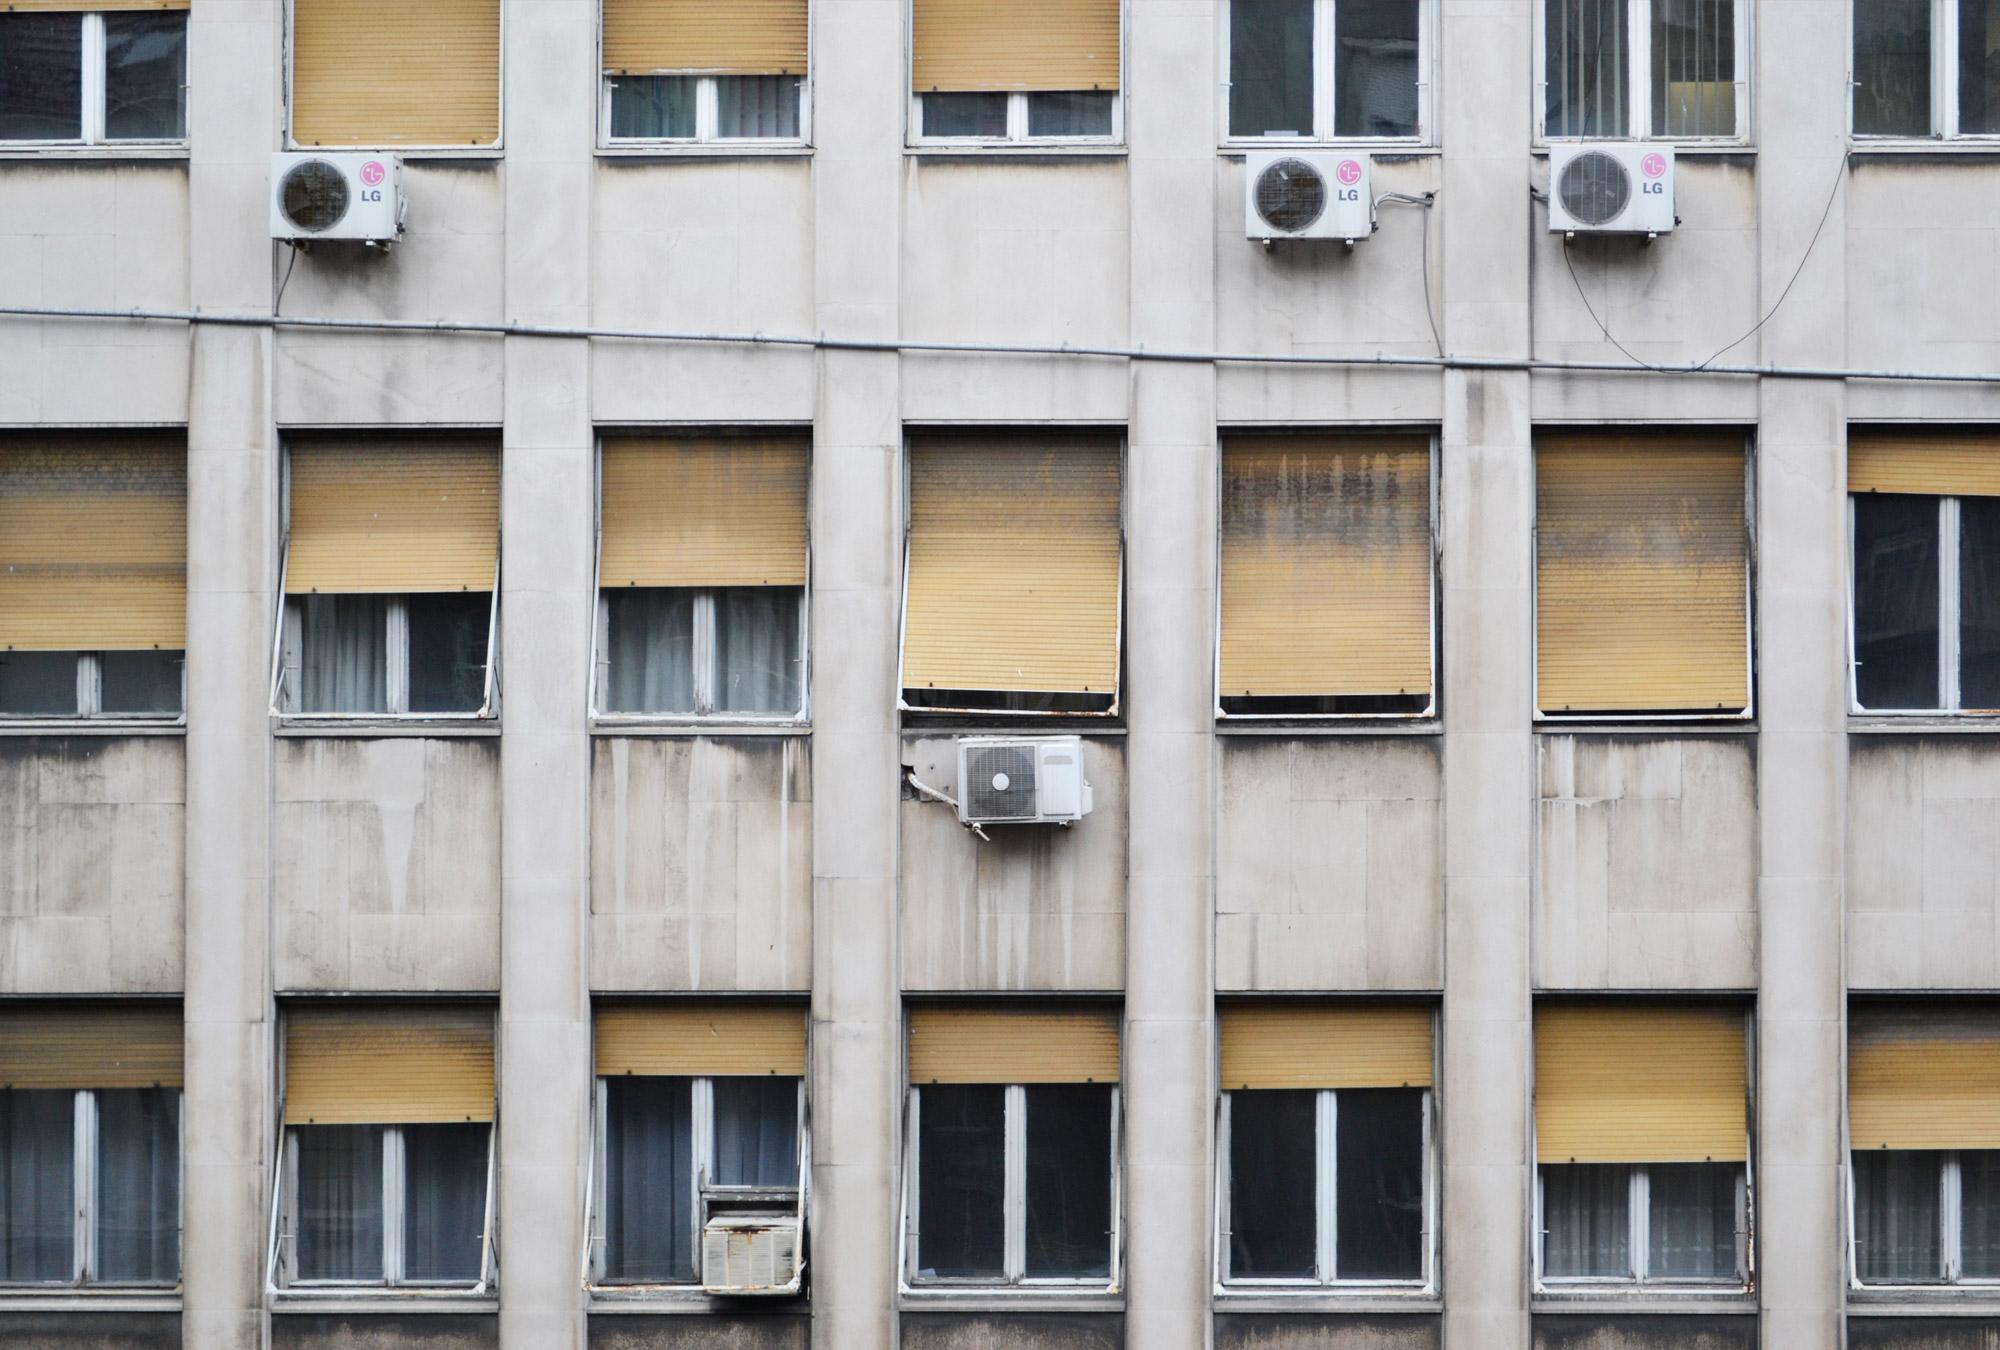 urbanbacklog-belgrade-building-textures-2.jpg